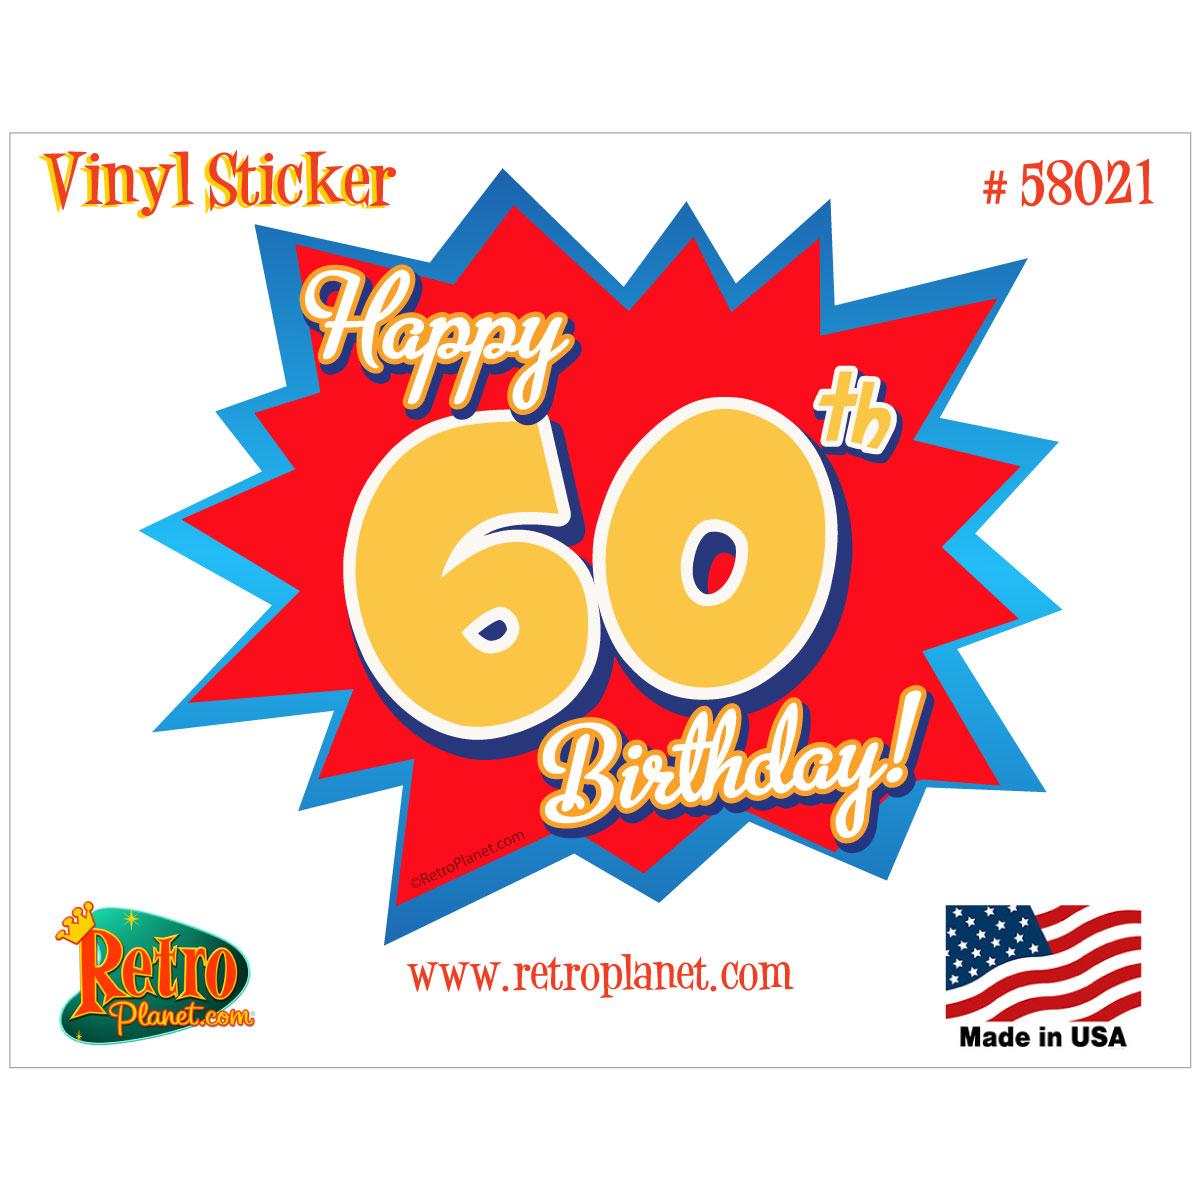 Happy 60th Birthday Gift Vinyl Sticker.